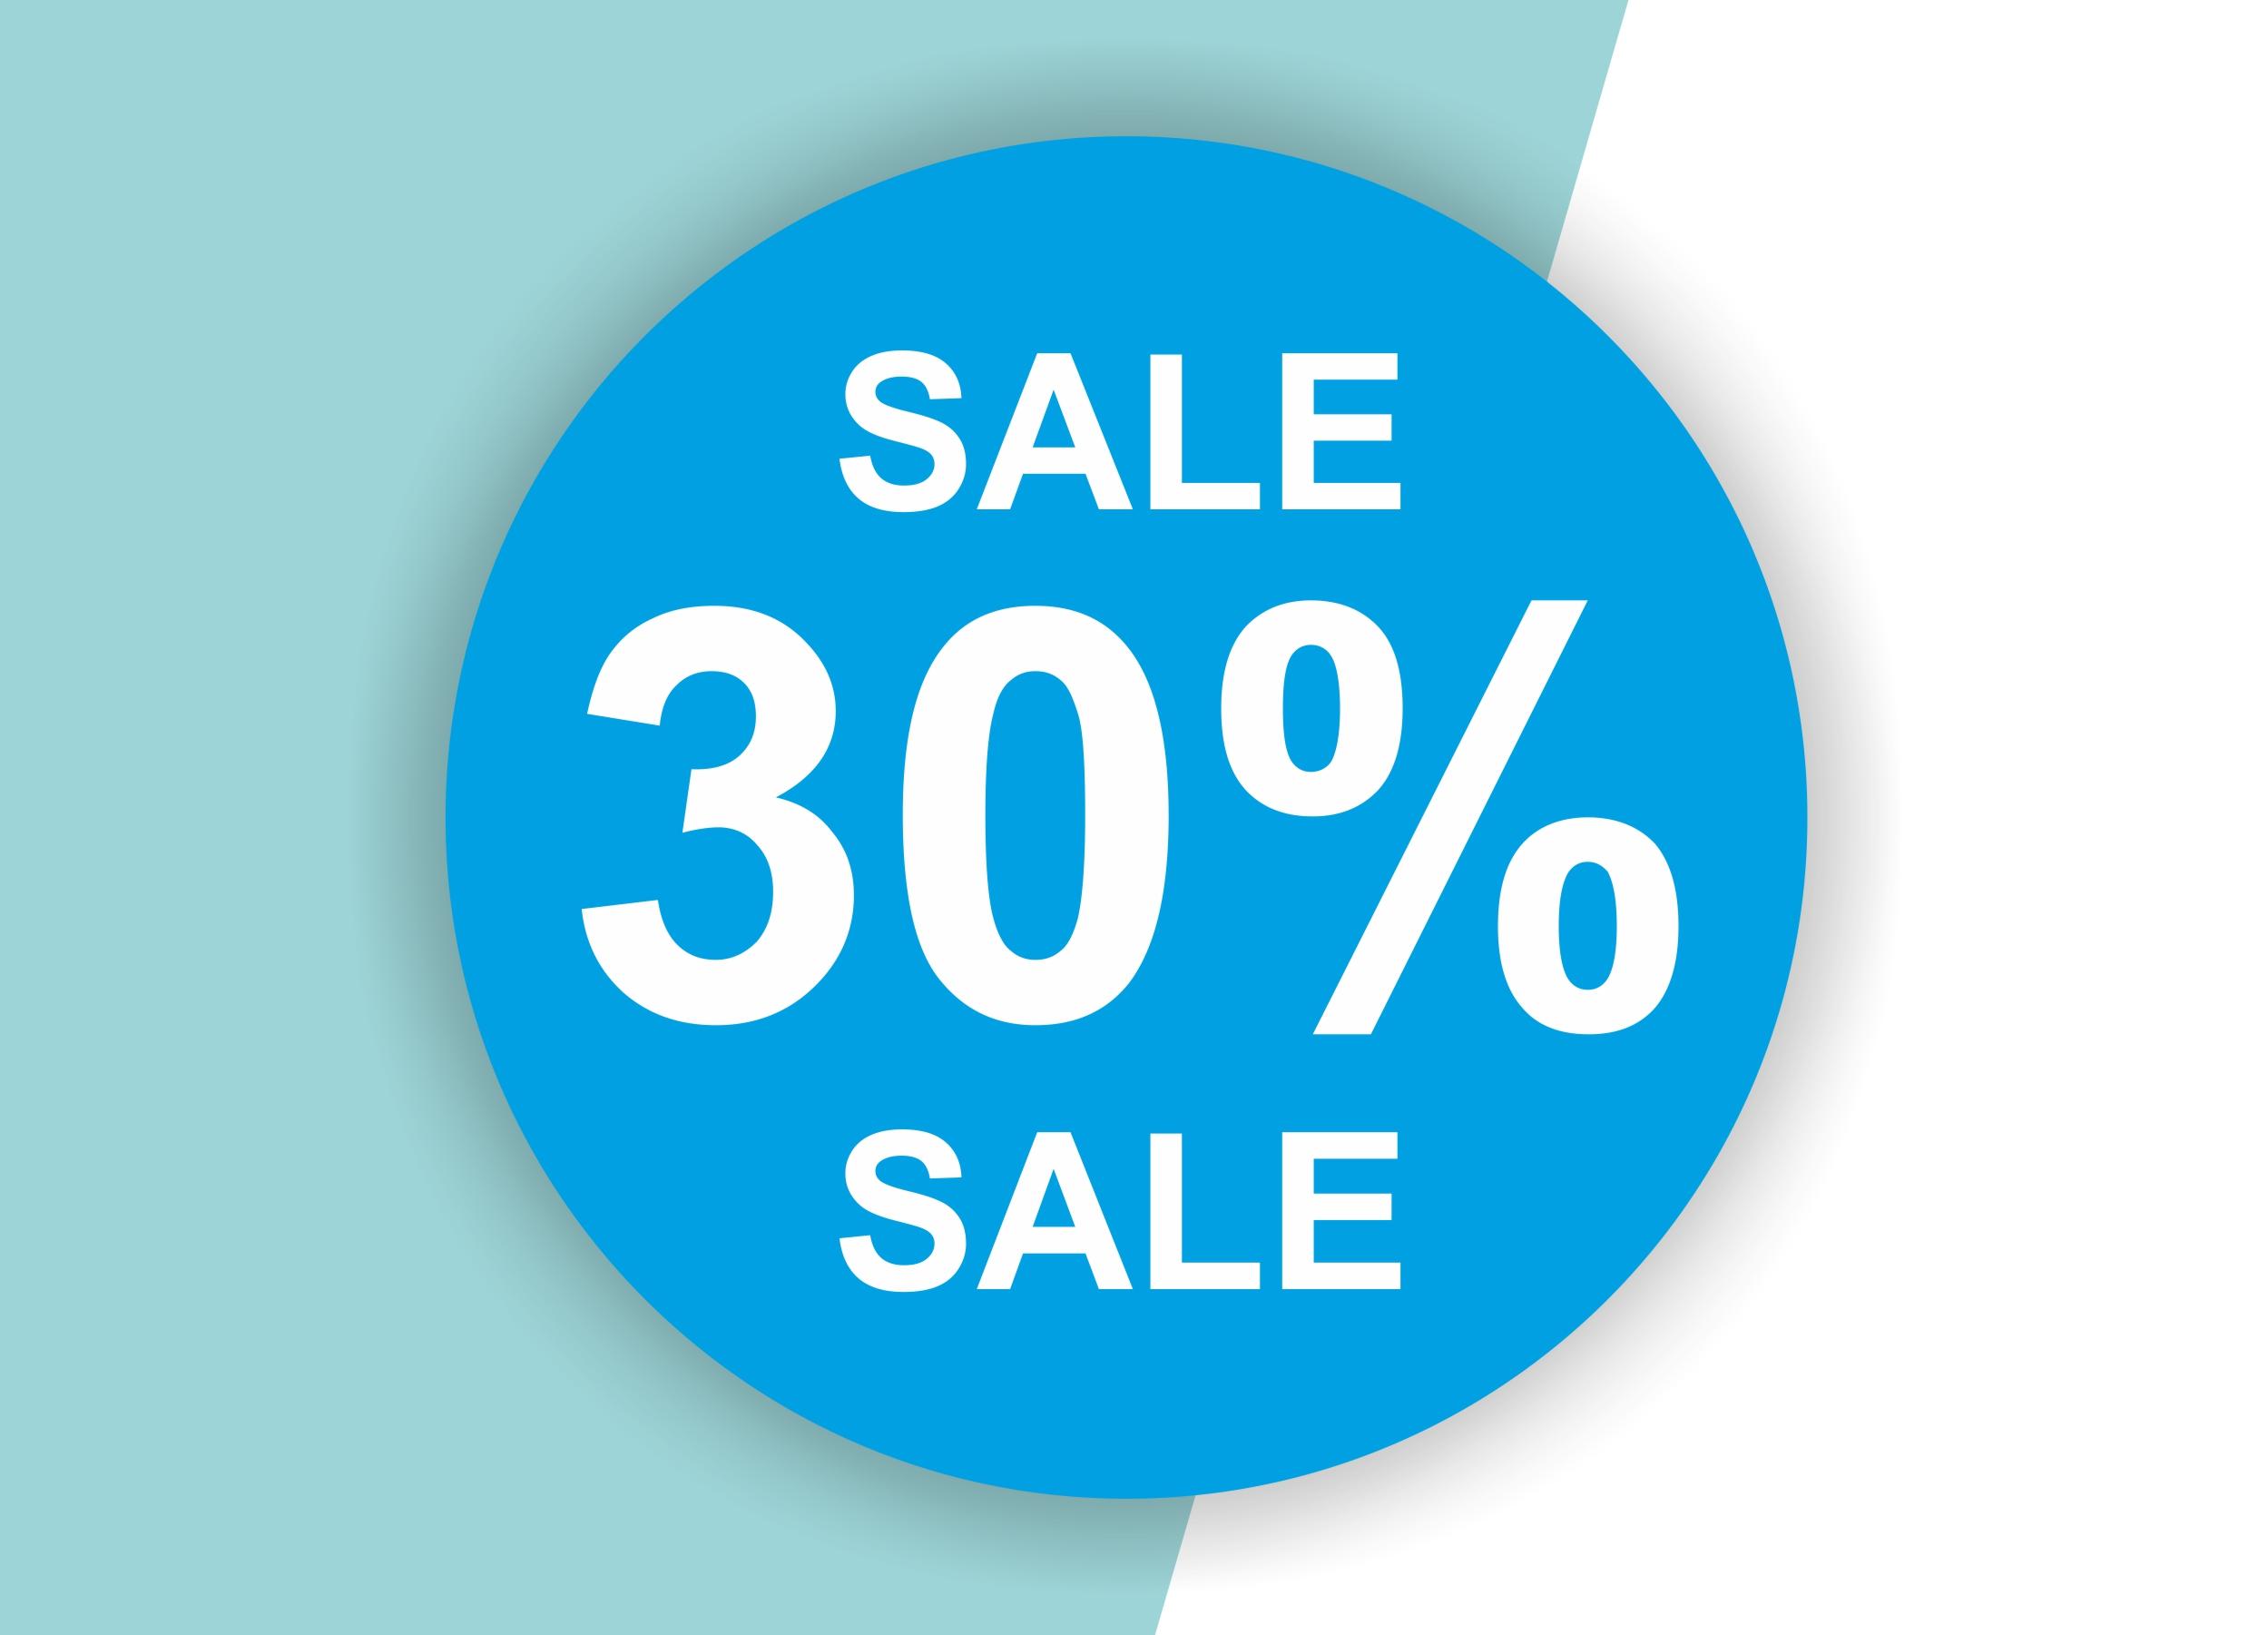 30% SALE Aufkleber Schaufenster Rabatt Ausverkauf Schlussverkauf SSV WSV % — Farbe: Blau-Weiß